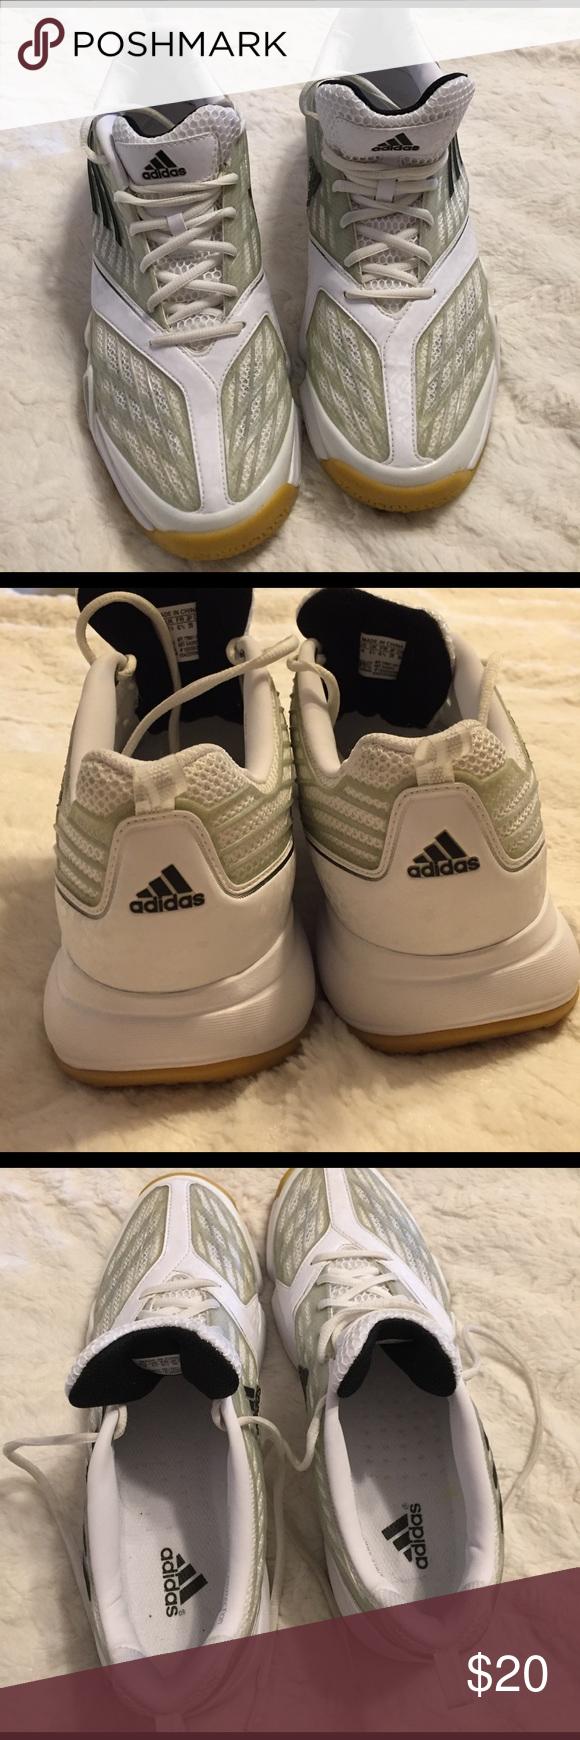 Adidas Adiprene Uomo Una Numero 10 Erano Indossati Una Uomo Volta. 2f1d98